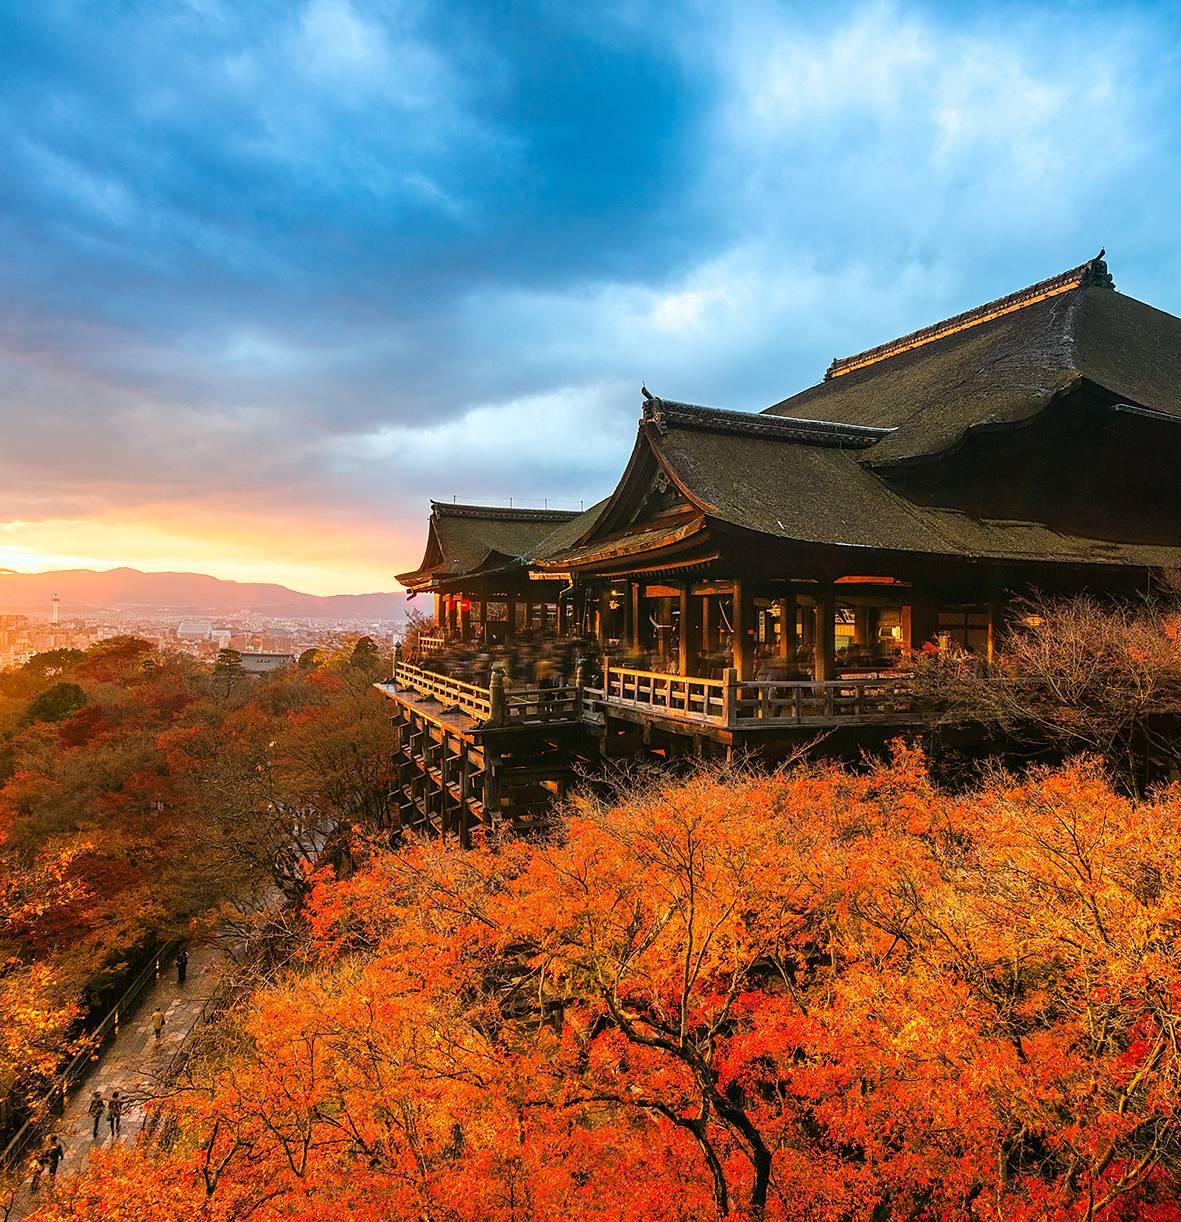 京都(舞鹤)